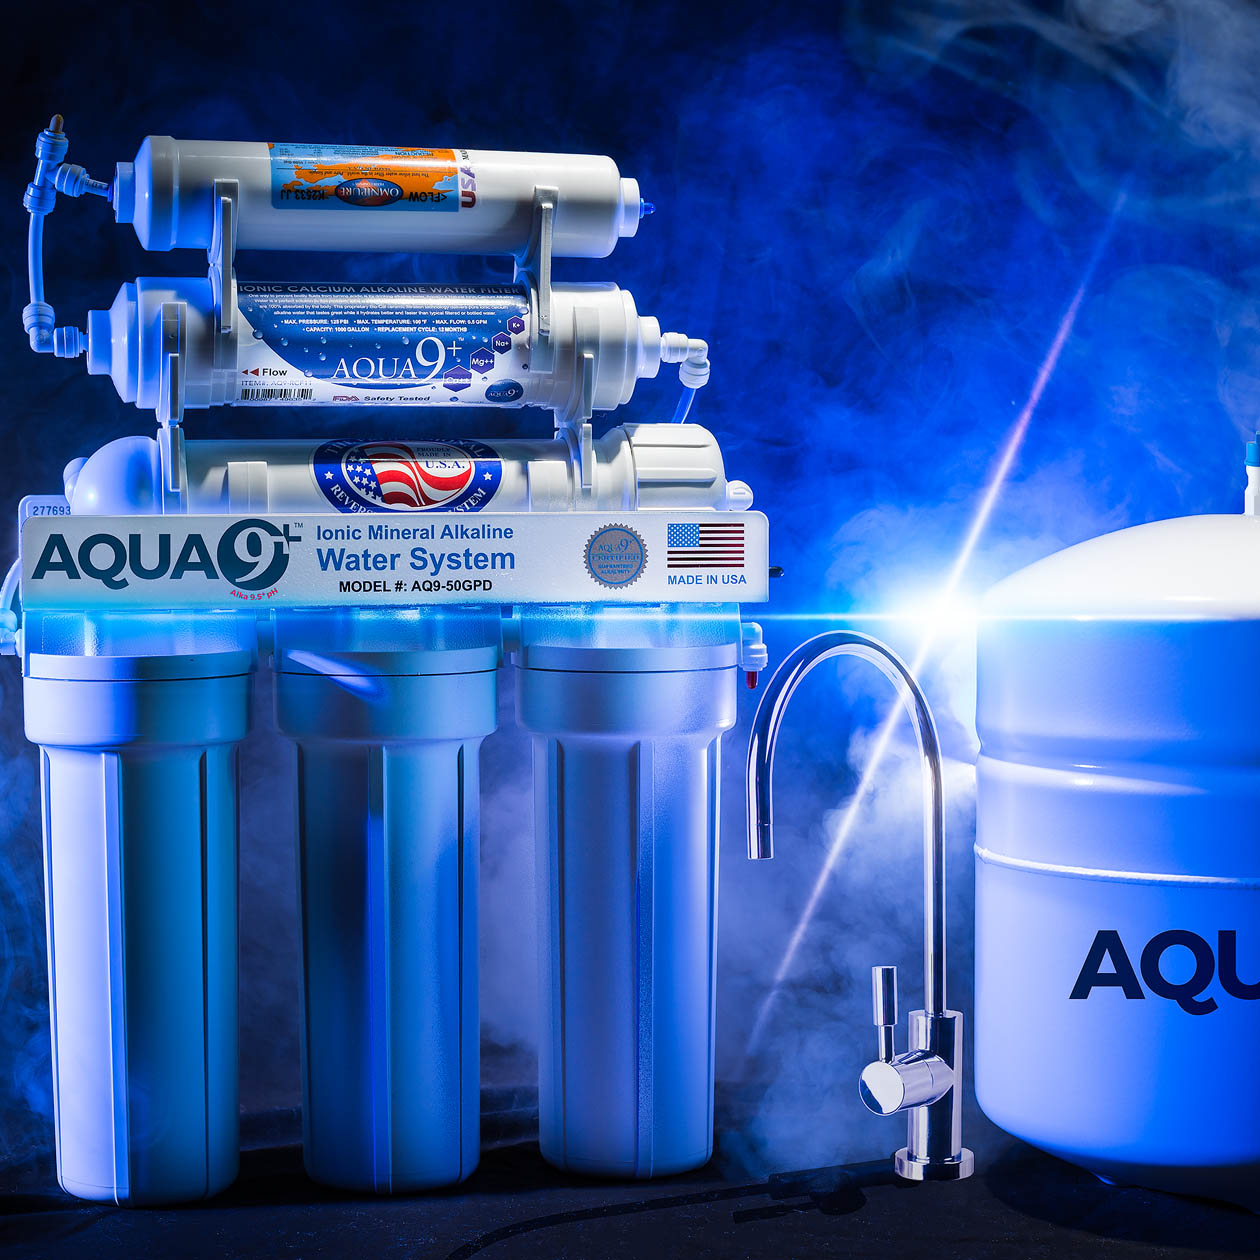 AQUA 9+ Home System